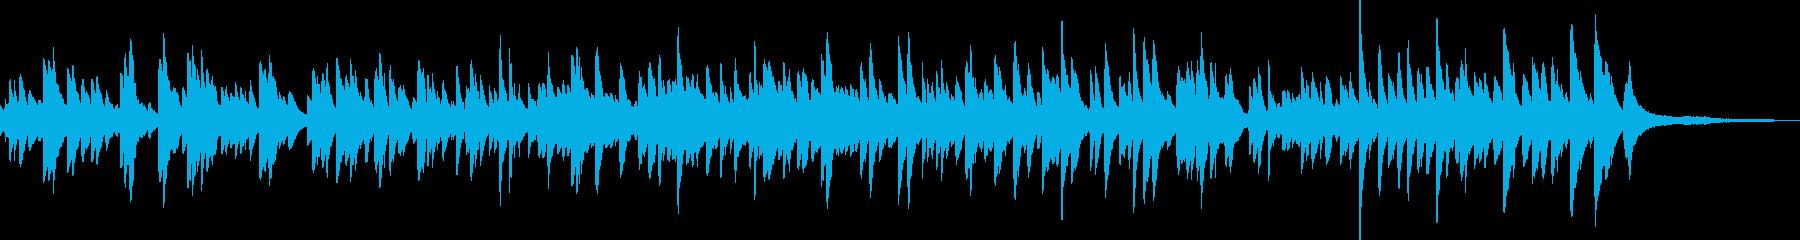 優しい 明るめの ピアノソロ バラードの再生済みの波形